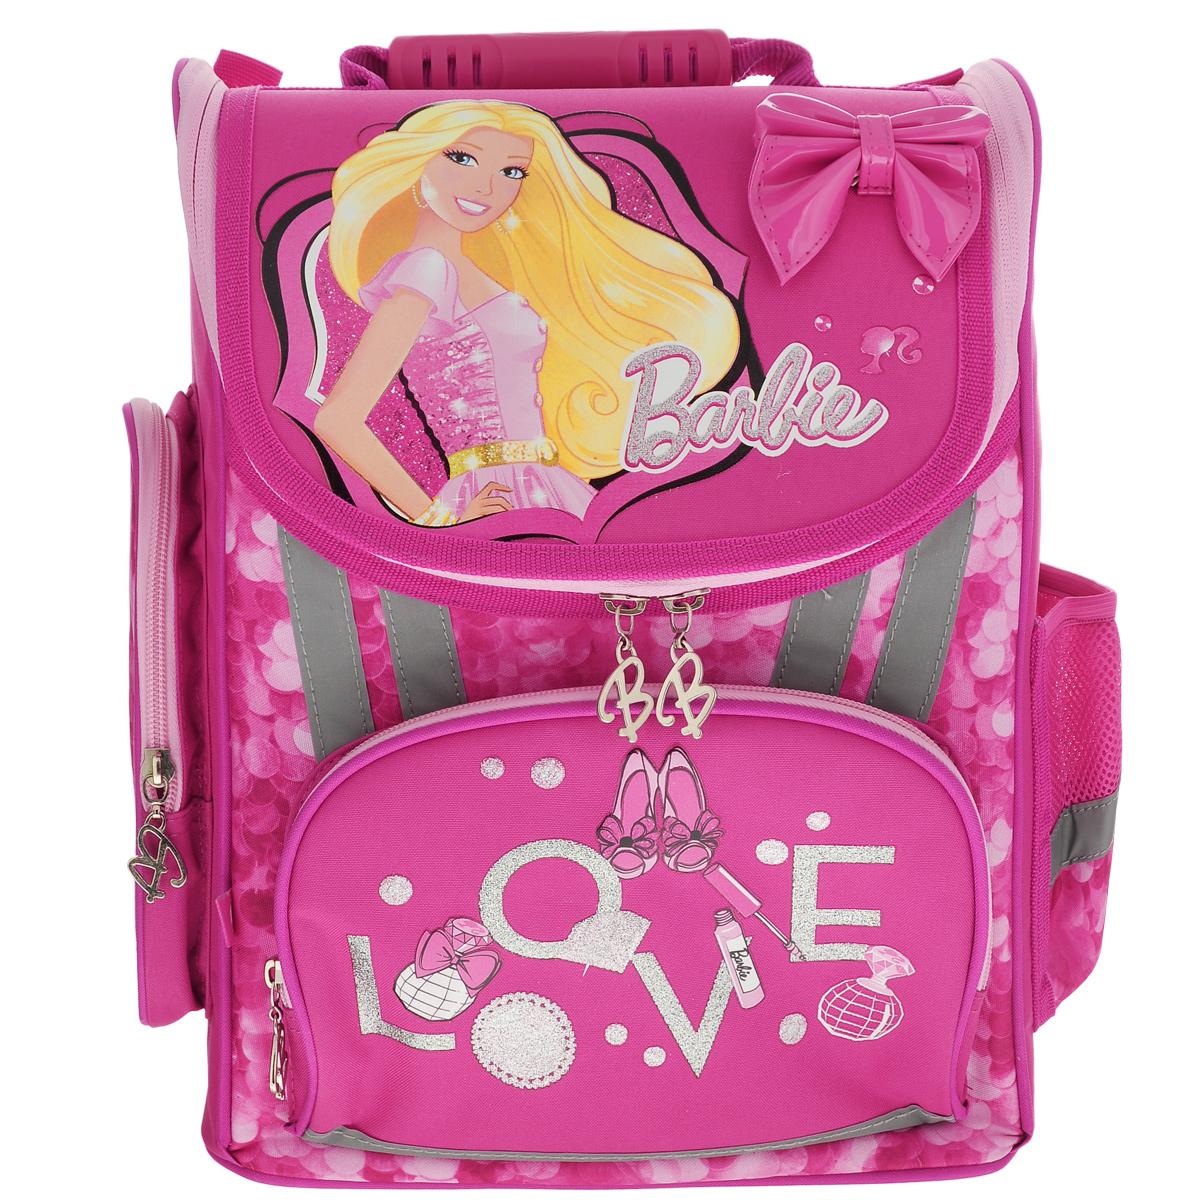 Ранец школьный Barbie, с наполнением, цвет: ярко-розовыйBROZ-RT2-113SETШкольный ранец Barbie выполнен из современного легкого и прочного материала ярко-розового цвета, дополненный яркими аппликациями с куклой Barbie. Ранец имеет одно основное отделение, закрывающееся на молнию. Под крышкой расположен прозрачный пластиковый кармашек для расписания уроков, или для вкладыша с адресом и ФИО владельца. Внутри главного отделения расположены два разделителя с утягивающей резинкой, предназначенные для размещения предметов без сложения, размером до формата А4 включительно. На лицевой стороне ранца расположен накладной карман на молнии. По бокам ранца размещены два дополнительных накладных кармана, один на молнии, и один открытый. Рельеф спинки ранца разработан с учетом особенности детского позвоночника. Ранец оснащен эргономичной ручкой для переноски и двумя широкими лямками, регулируемой длины. Дно ранца защищено пластиковыми ножками. Многофункциональный школьный ранец станет незаменимым спутником вашего ребенка в походах за знаниями. ...